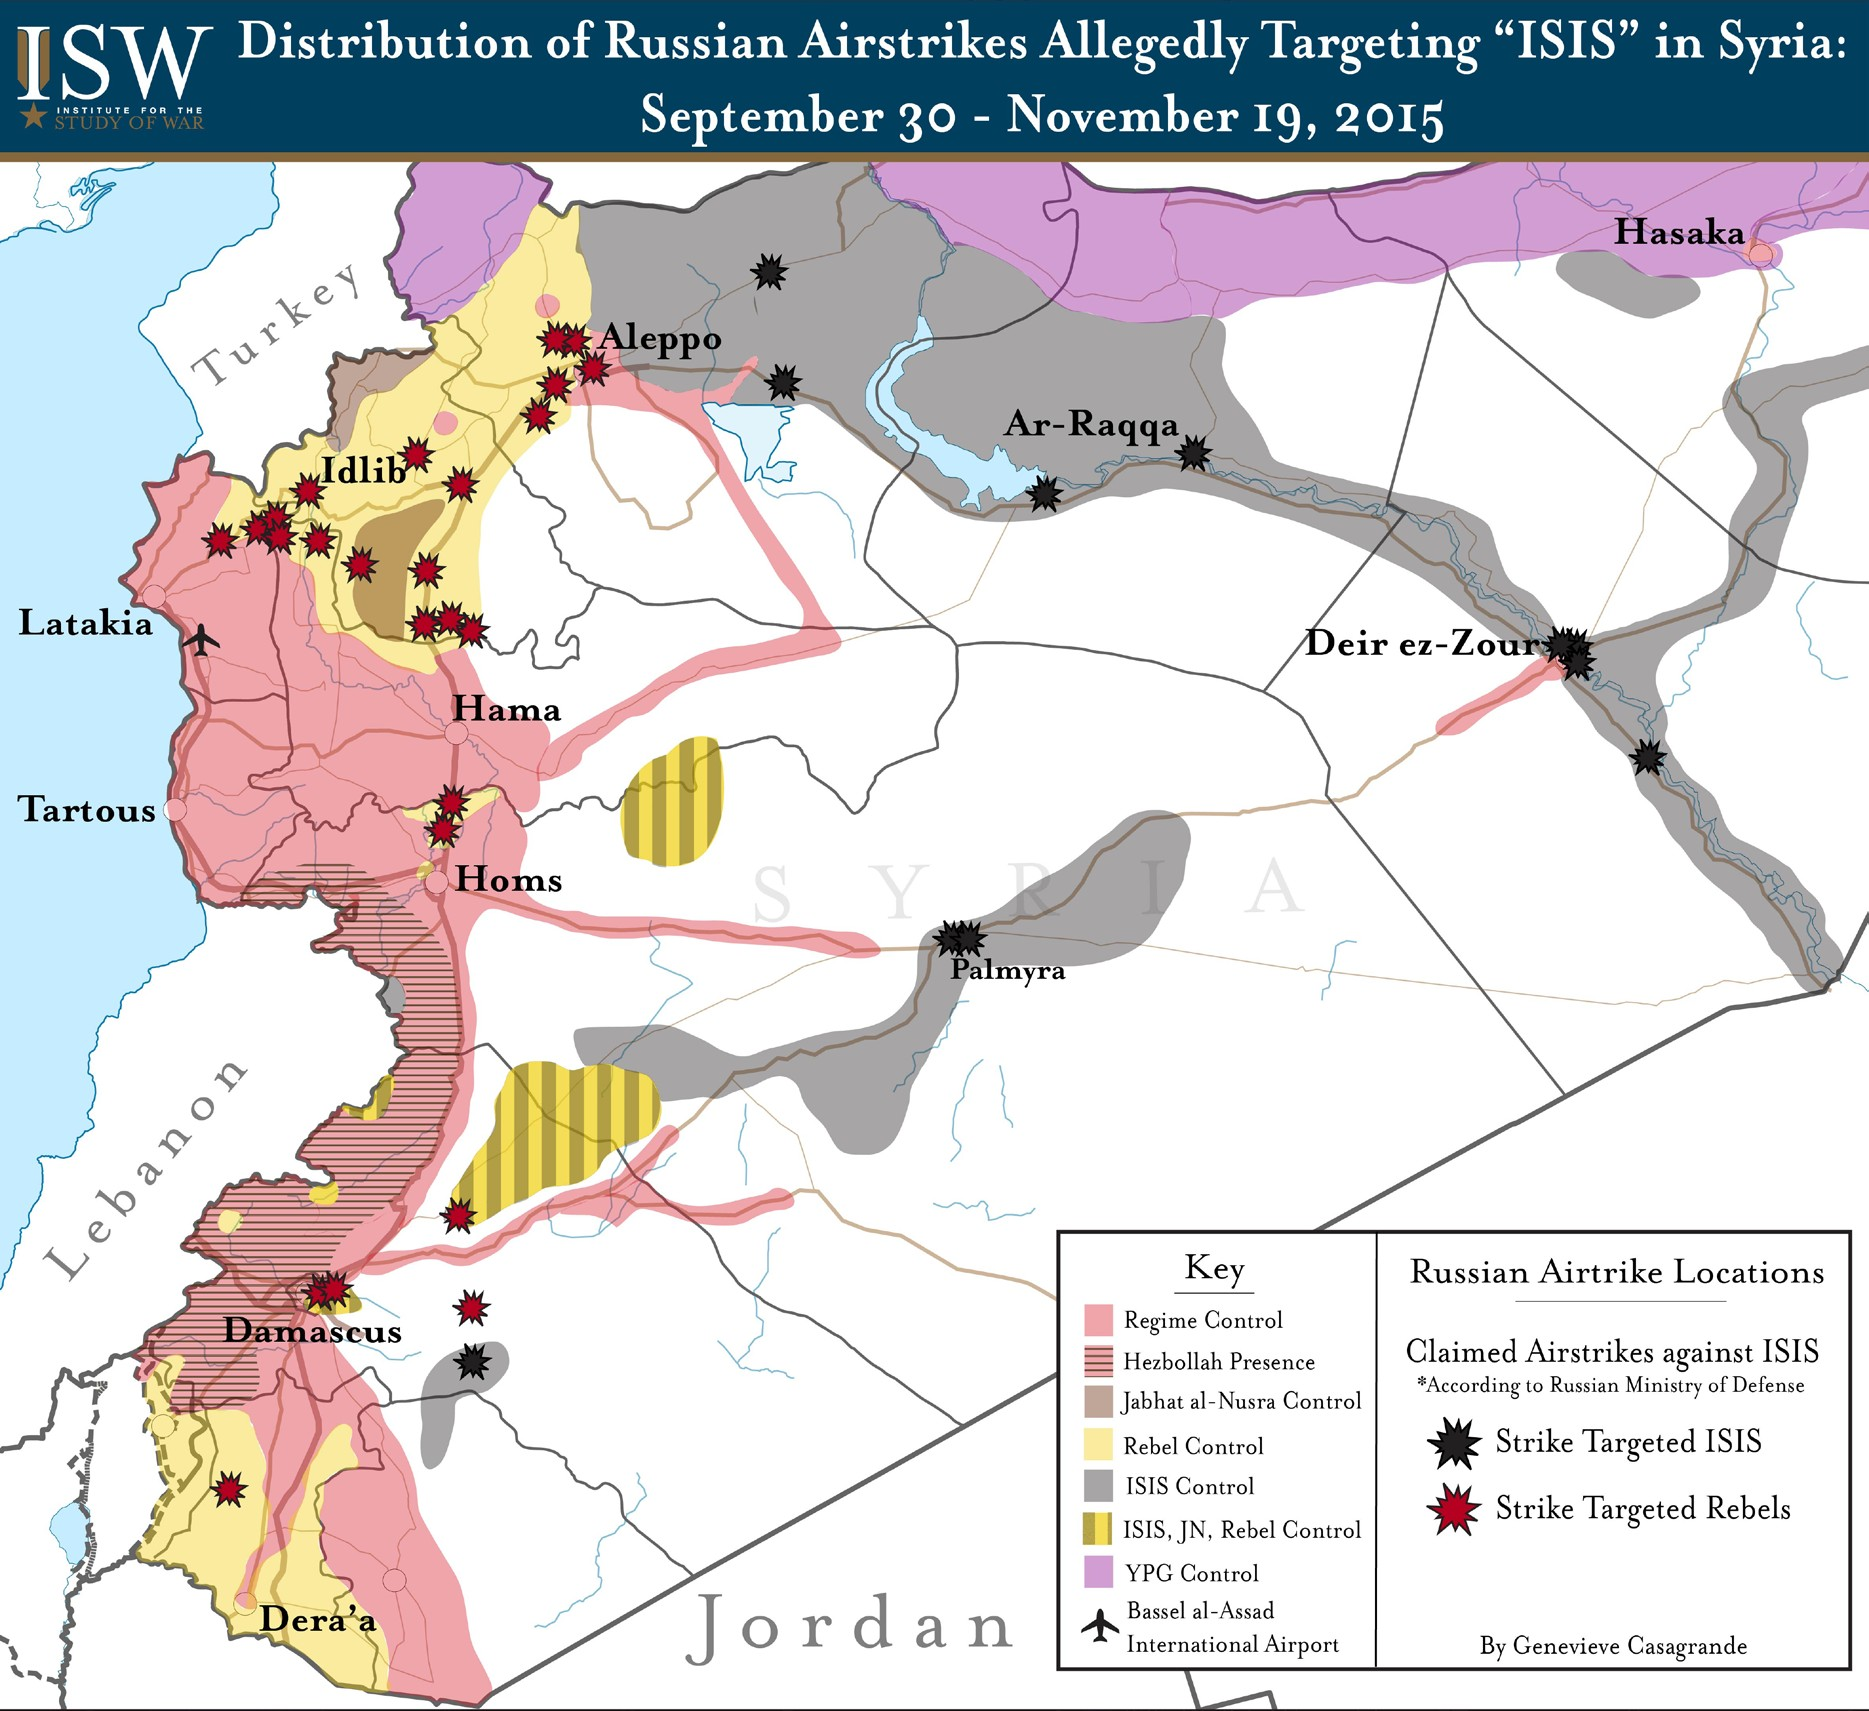 Распределение российских авиаударов, якобы направленных против ИГИЛ в Сирии. 30 сентября — 19 ноября 2015 года.